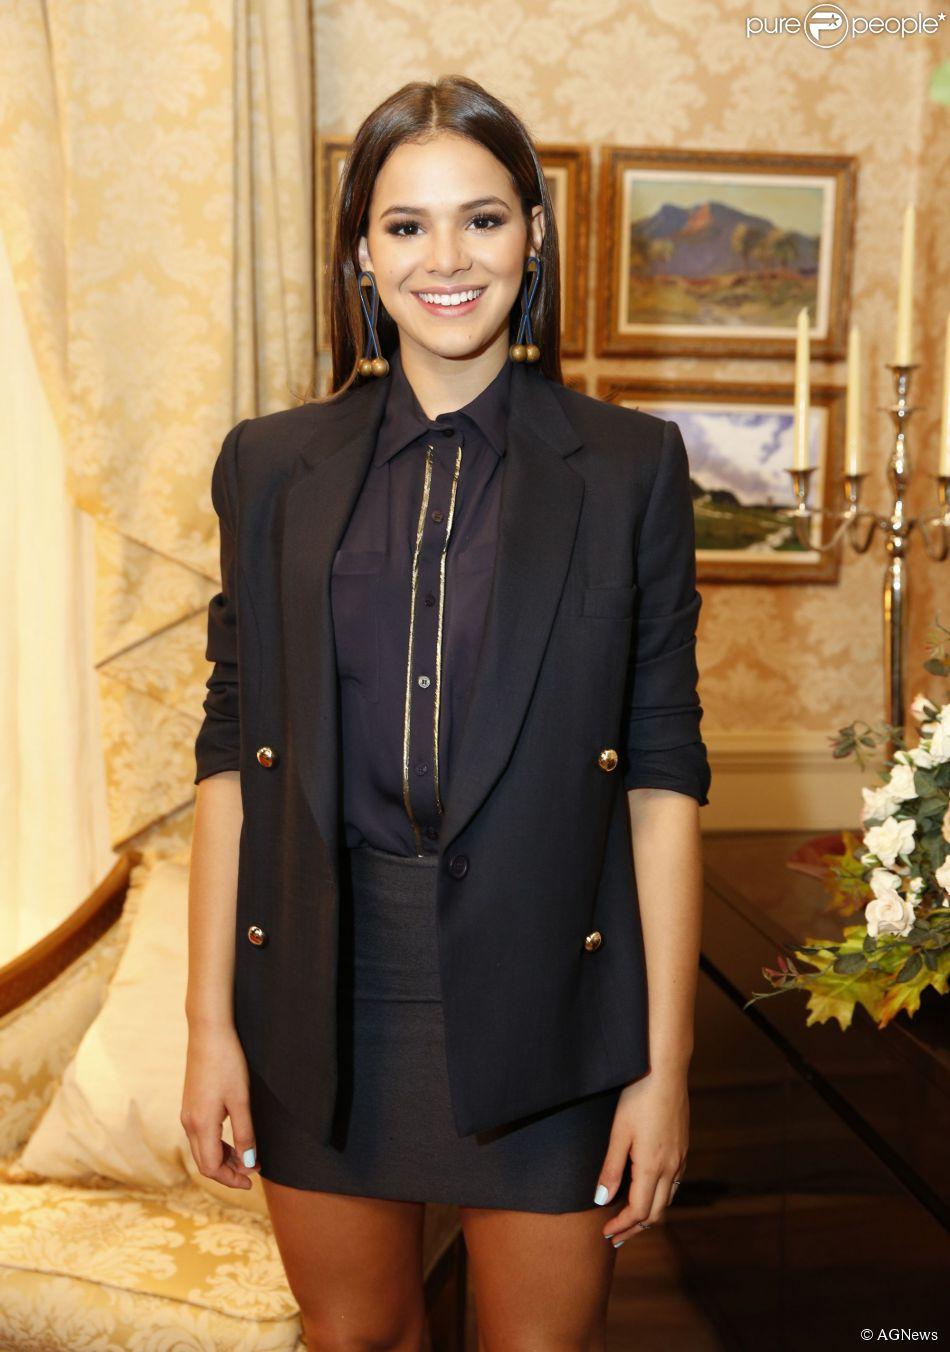 Bruna Marquezine lista itens indispensáveis na sua bolsa: 'celular, perfume e maquiagem'